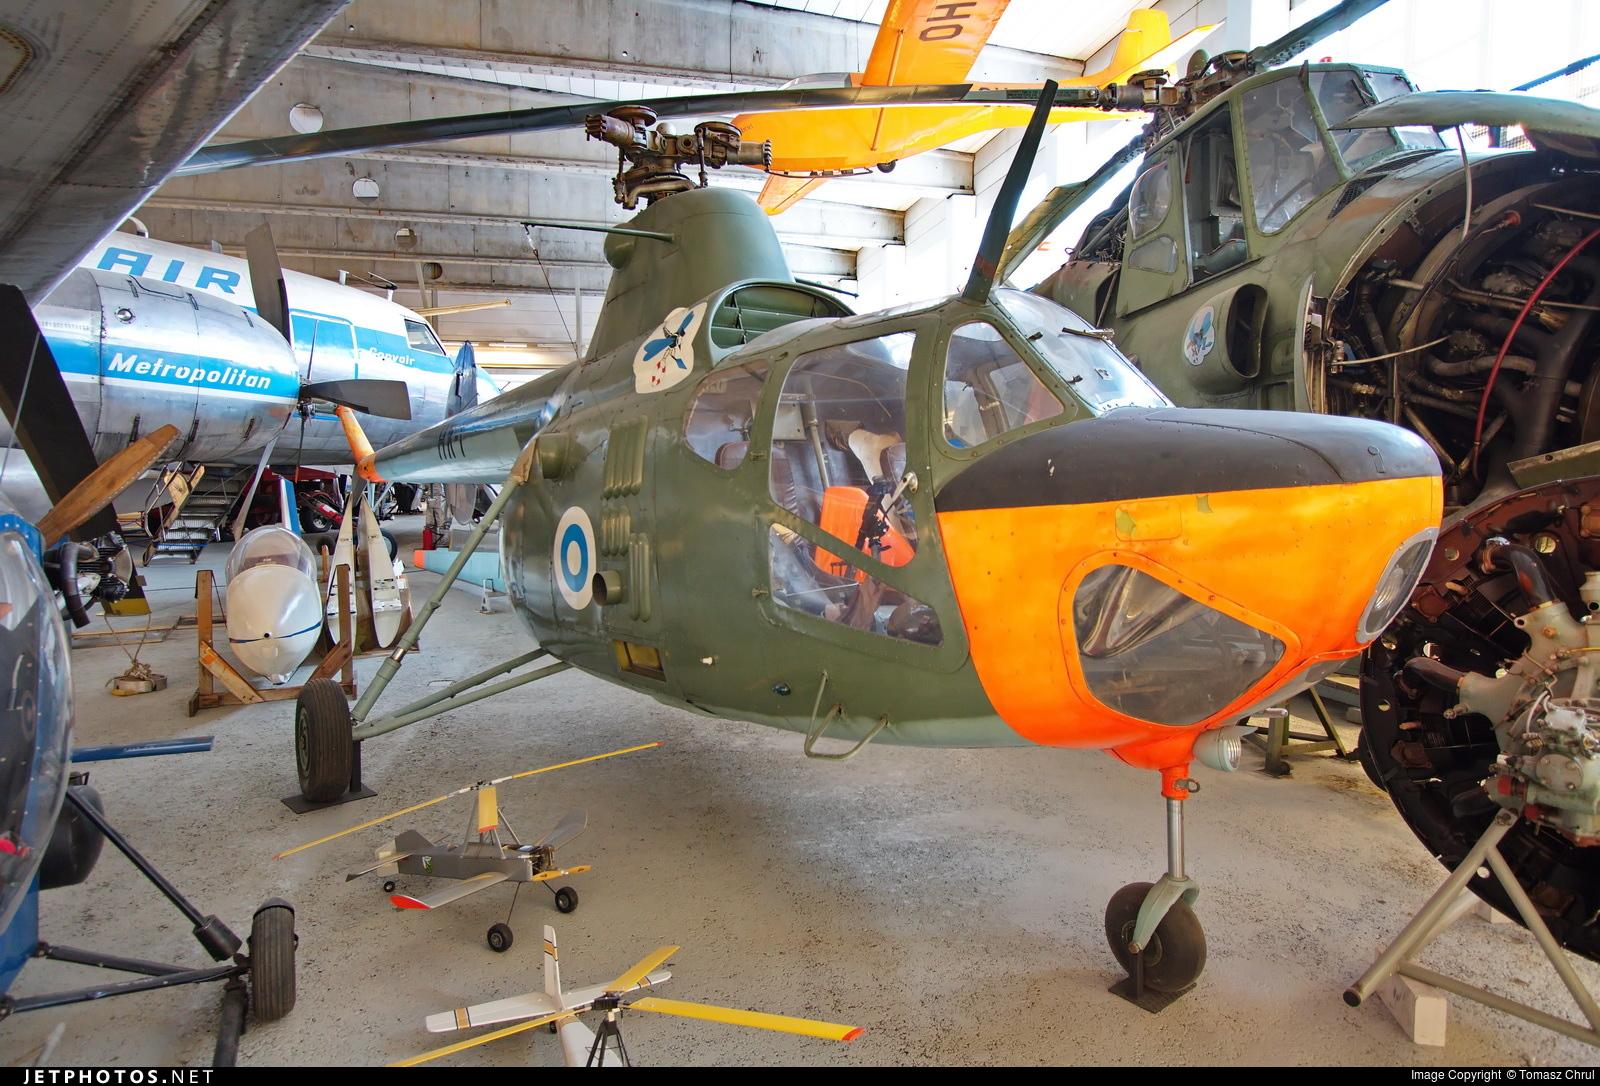 HK-1 - PZL-Swidnik SM-1SZ - Finland - Air Force